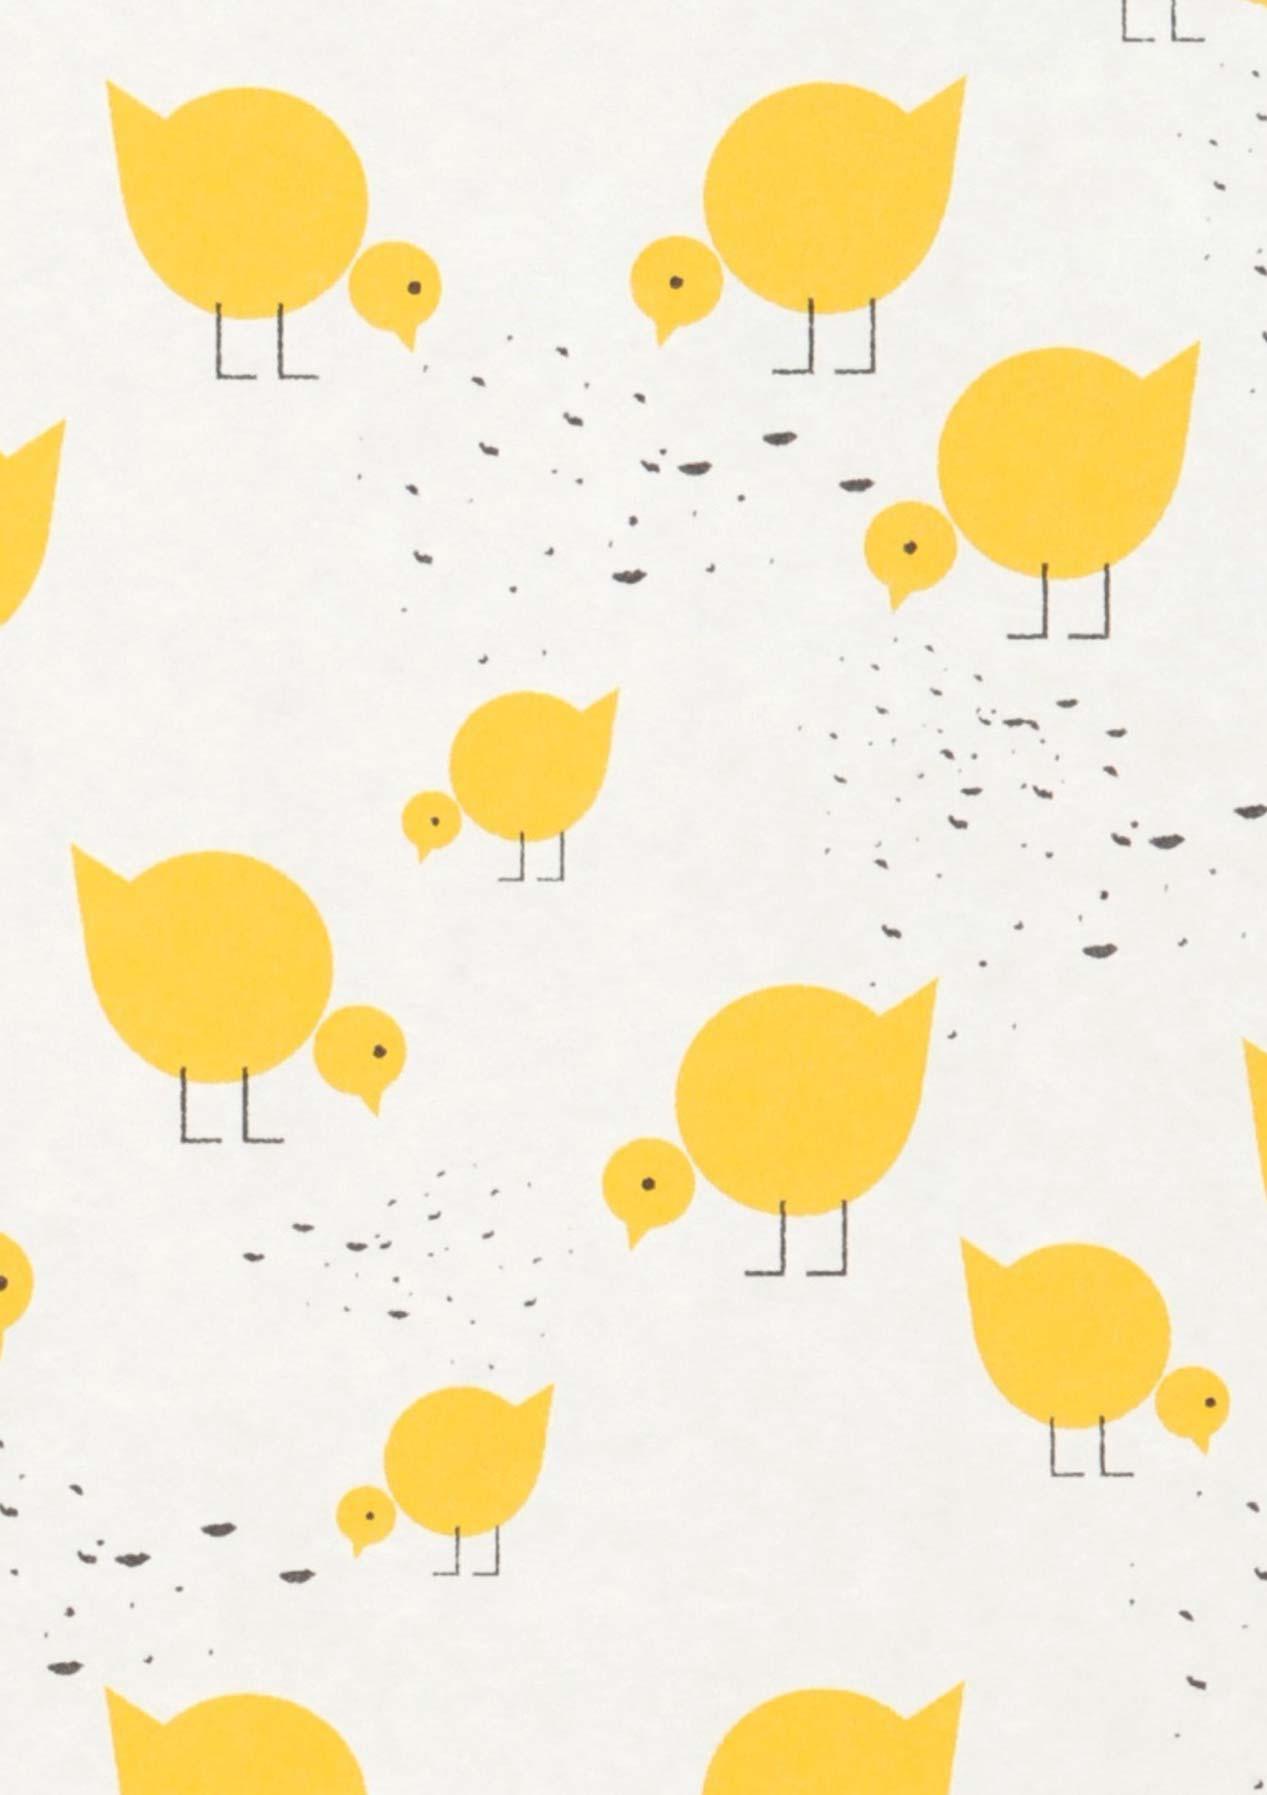 Tapete pitta cremeweiss gelb schwarz tapeten der 70er for Tapete nach hause